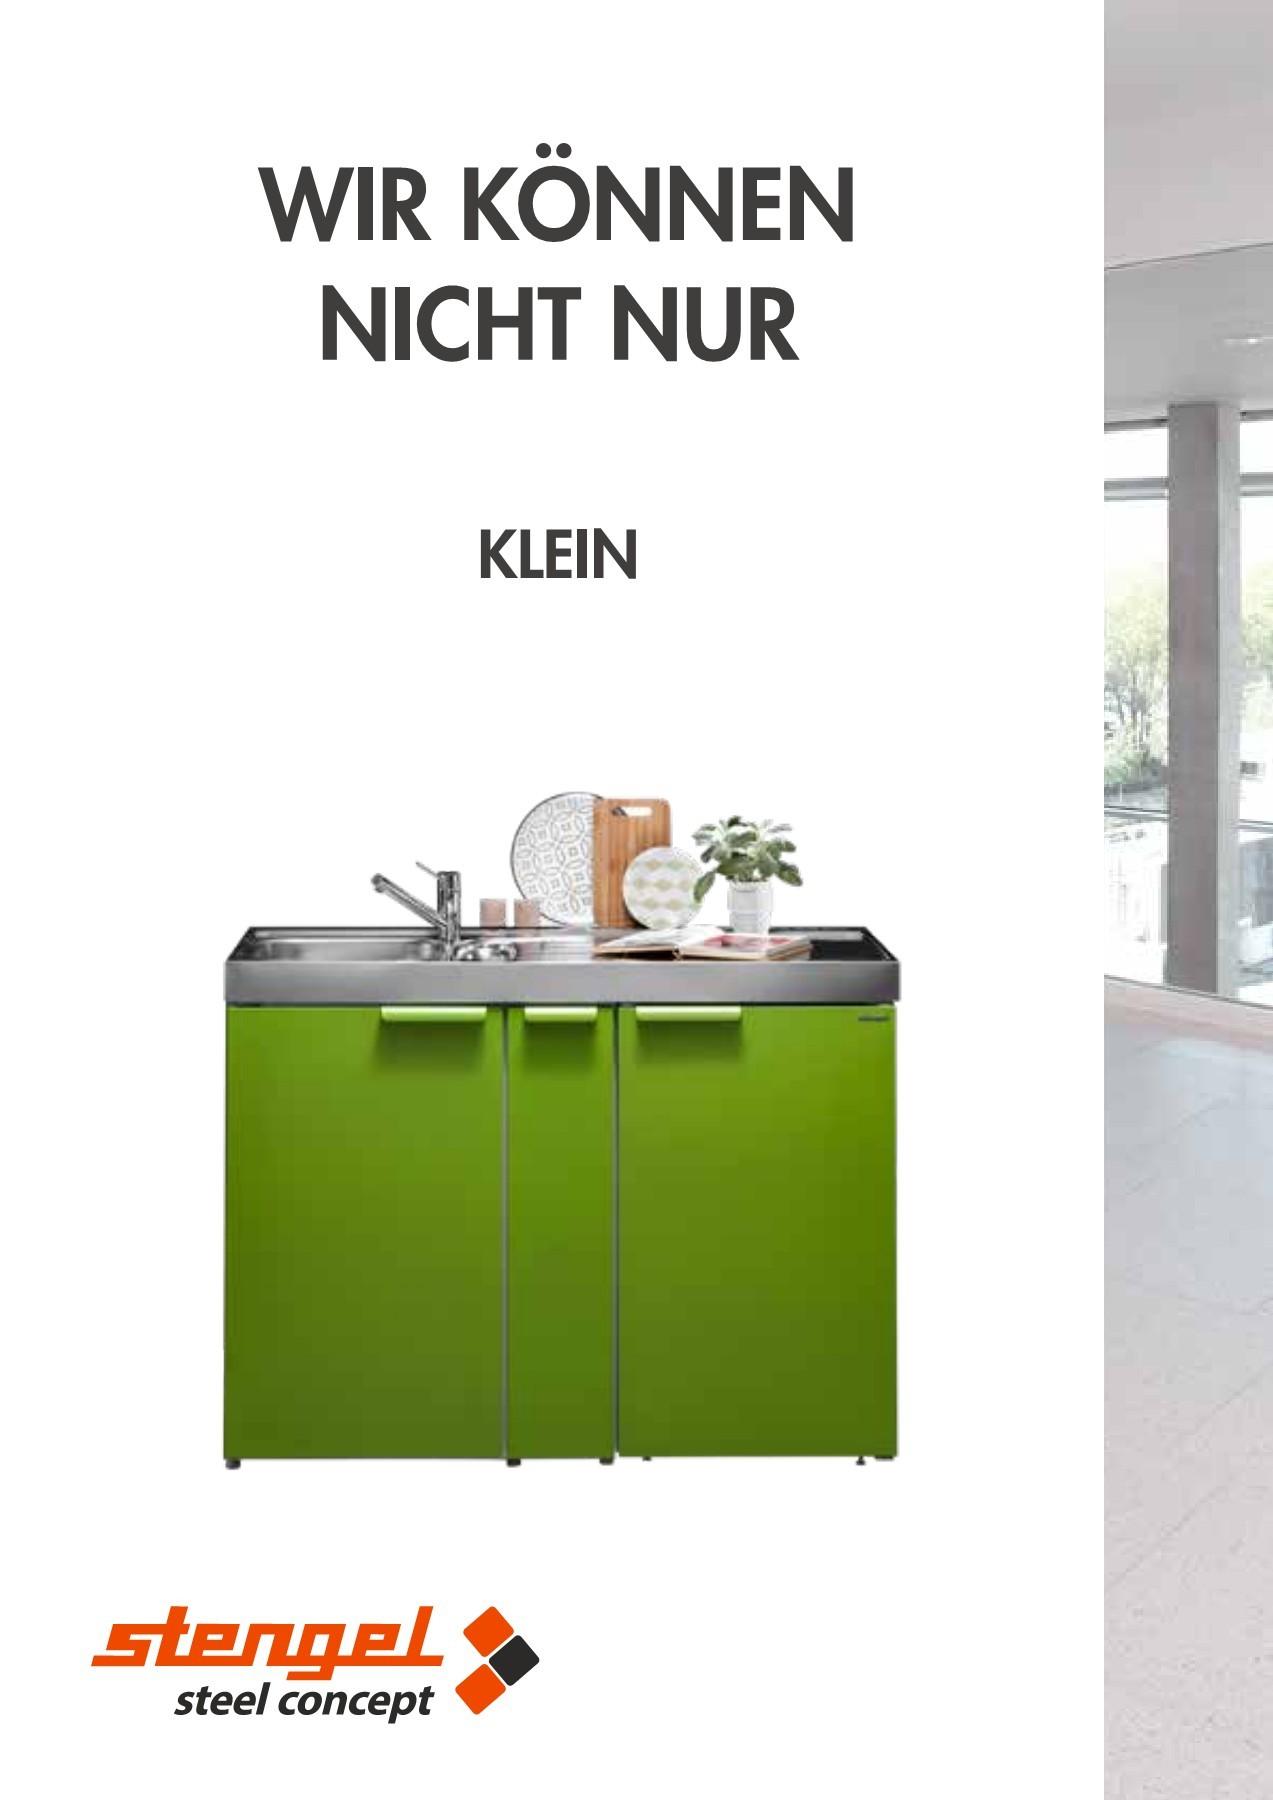 Full Size of Stengel Miniküche Metallkchen 2019 Pages 1 50 Text Version Mit Kühlschrank Ikea Küche Stengel Miniküche